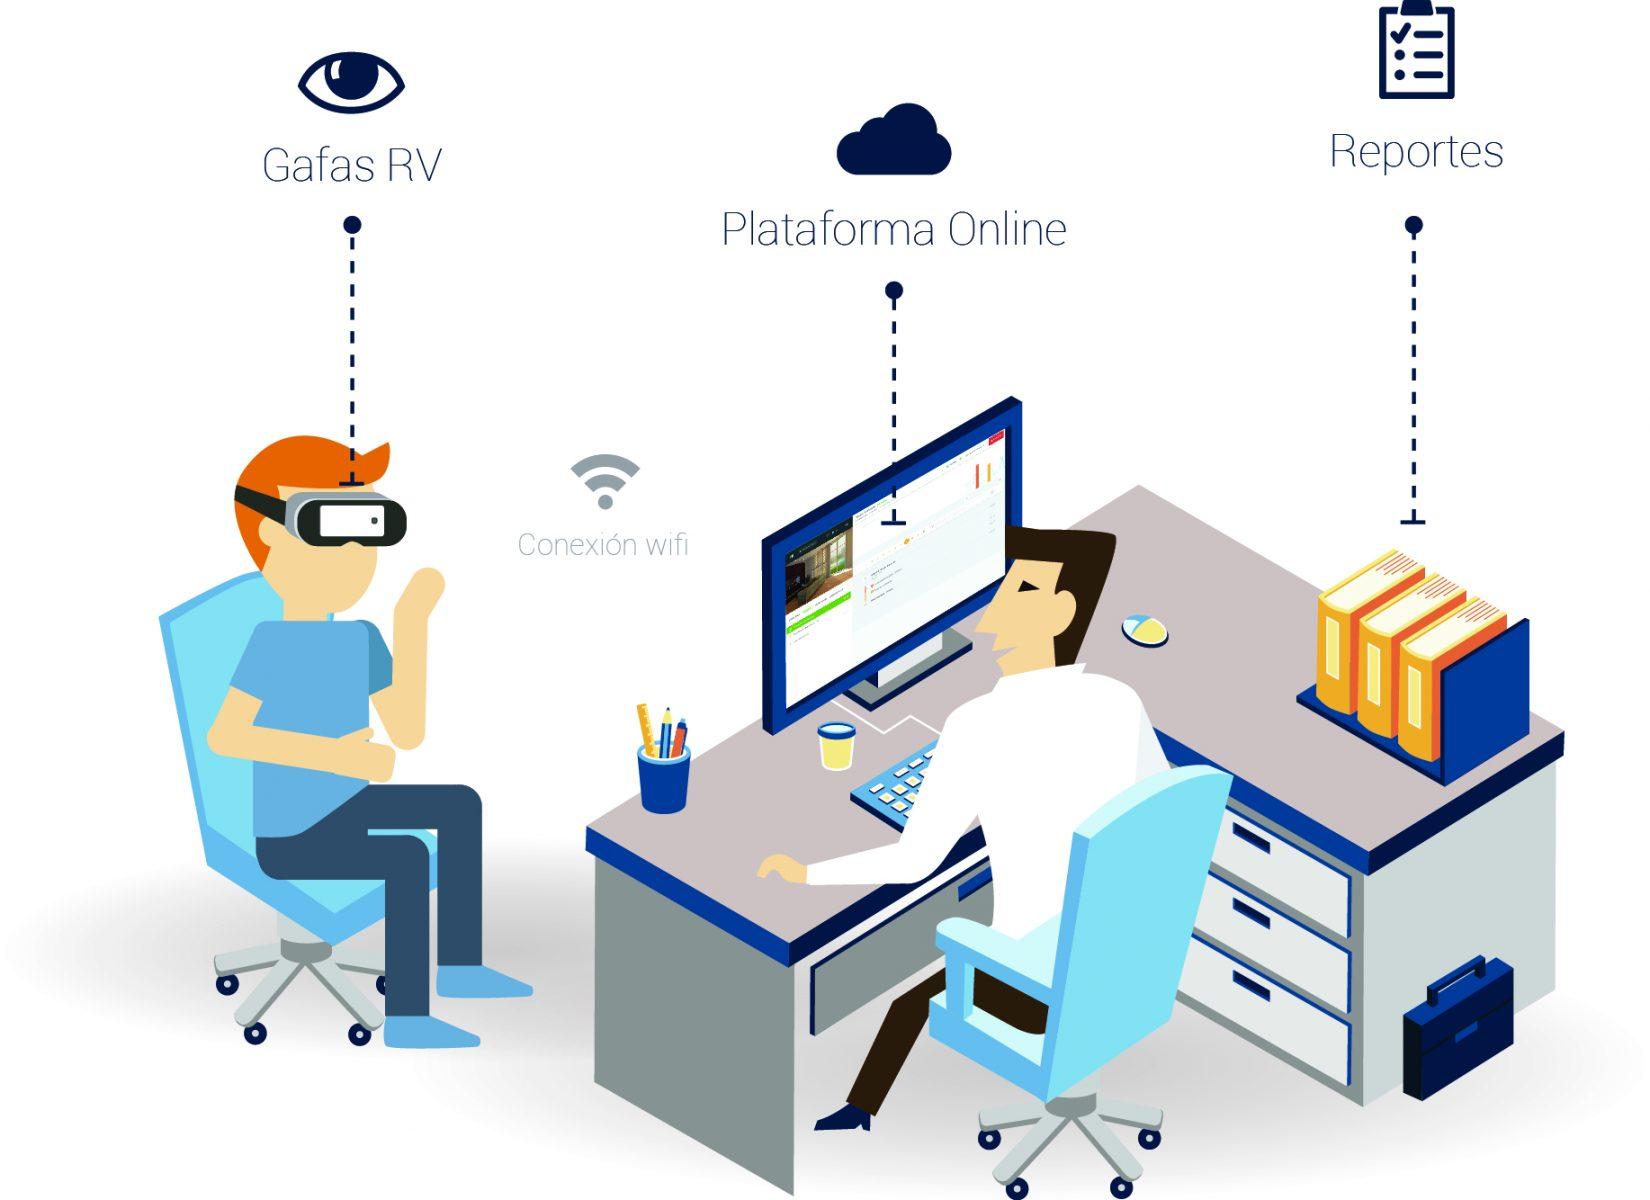 Psicología en Valladolid con gafas de realidad virtual y medios online